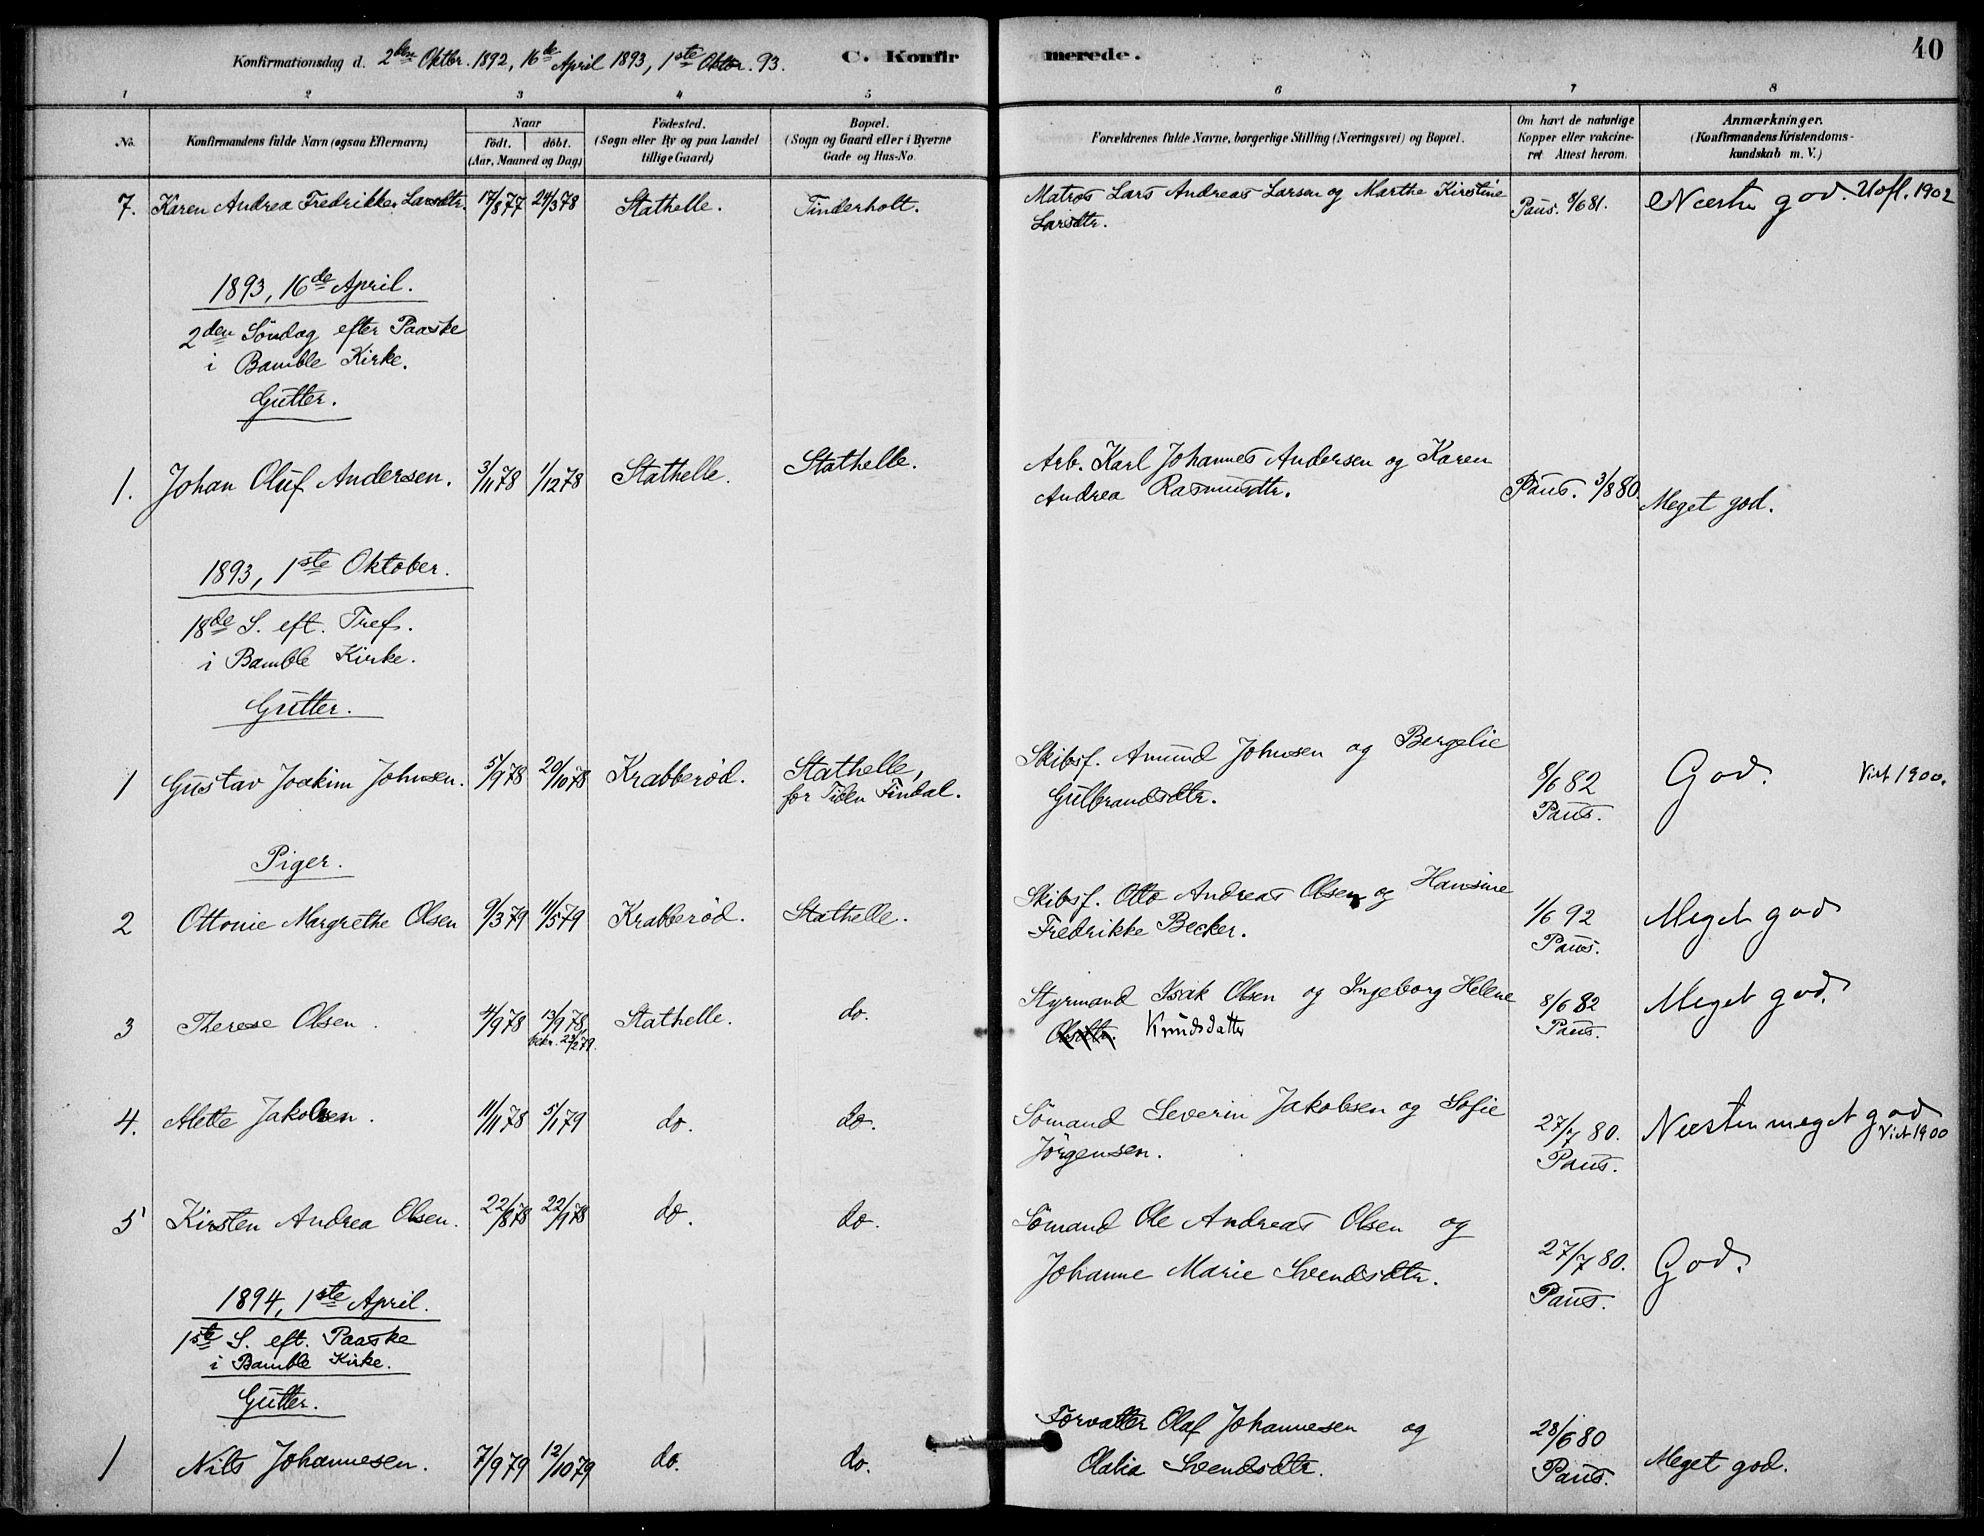 SAKO, Bamble kirkebøker, G/Gb/L0001: Klokkerbok nr. II 1, 1878-1900, s. 40